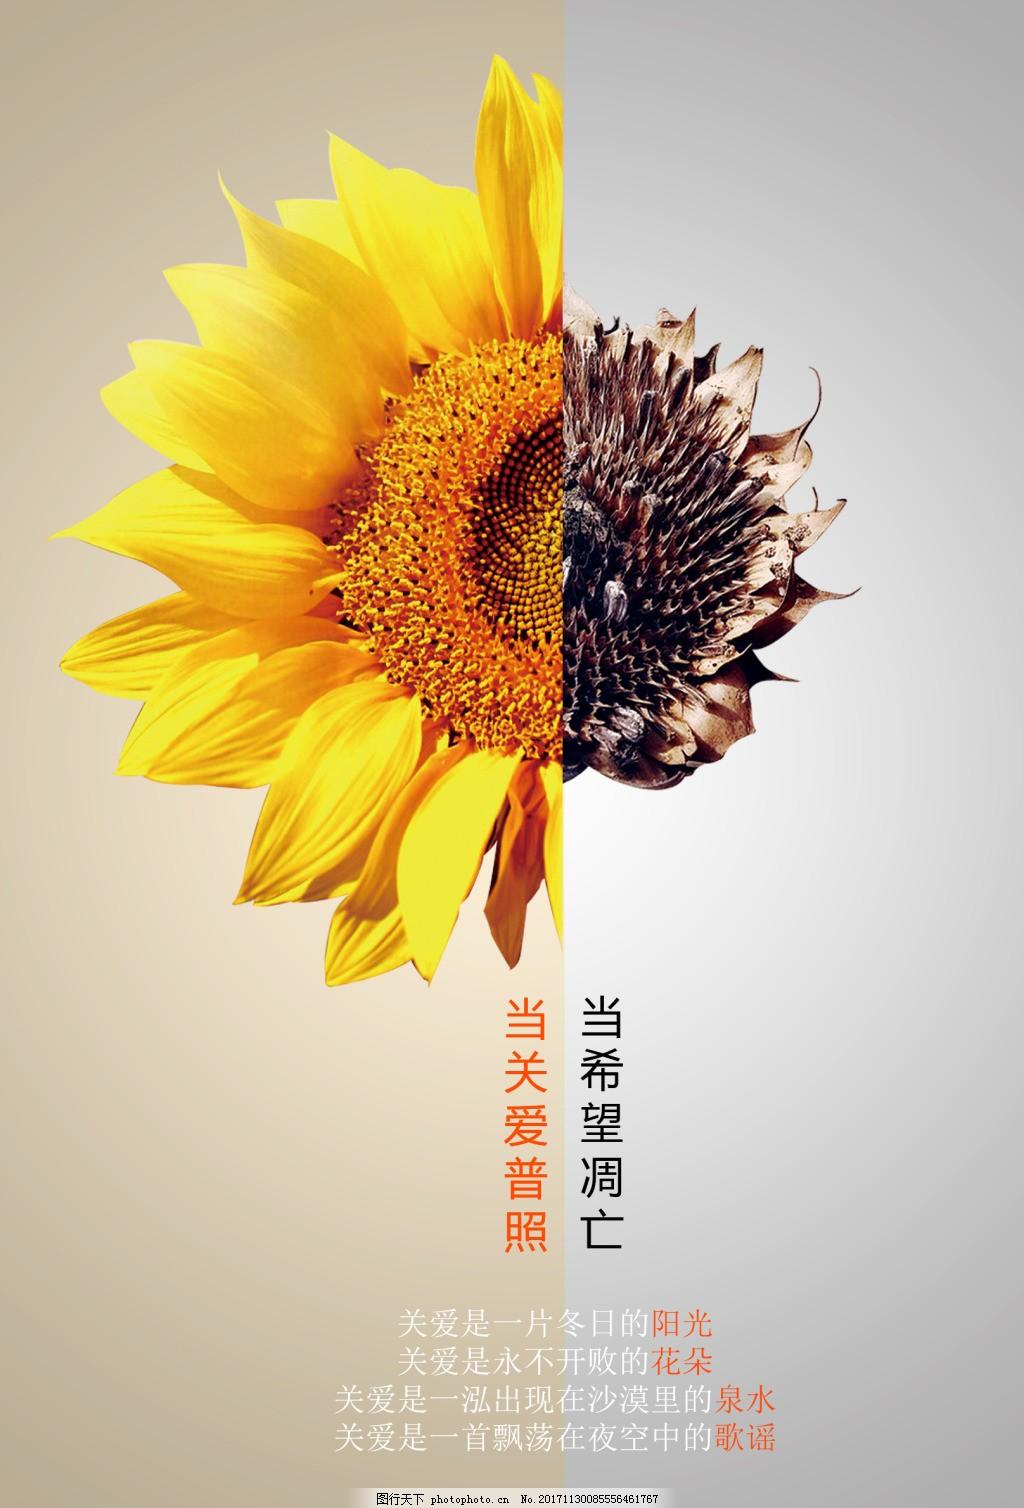 公益宣传海报设计psd模板 花朵 黄色 灰色 简约 公益组织